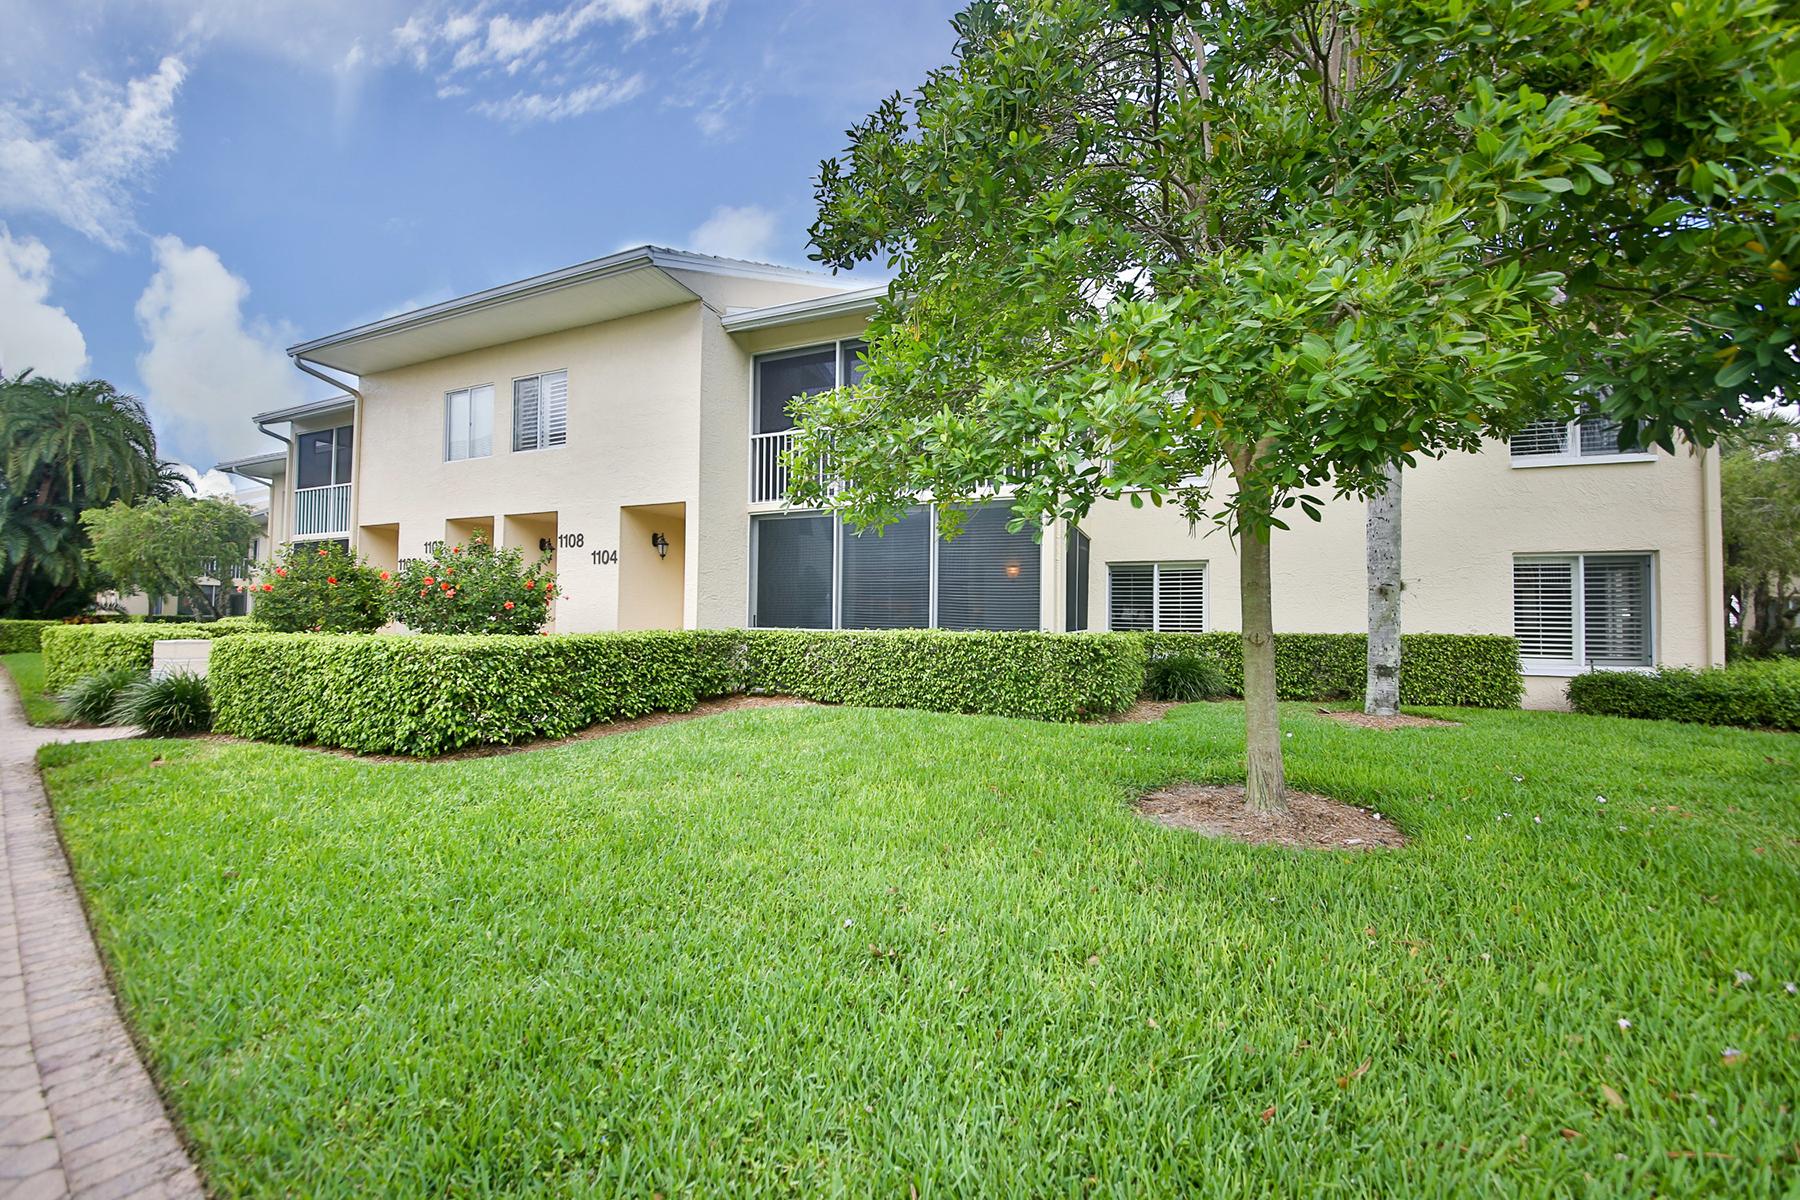 Nhà chung cư vì Bán tại PELICAN BAY - GLENCOVE 5813 Glencove Dr 1104 Naples, Florida, 34108 Hoa Kỳ